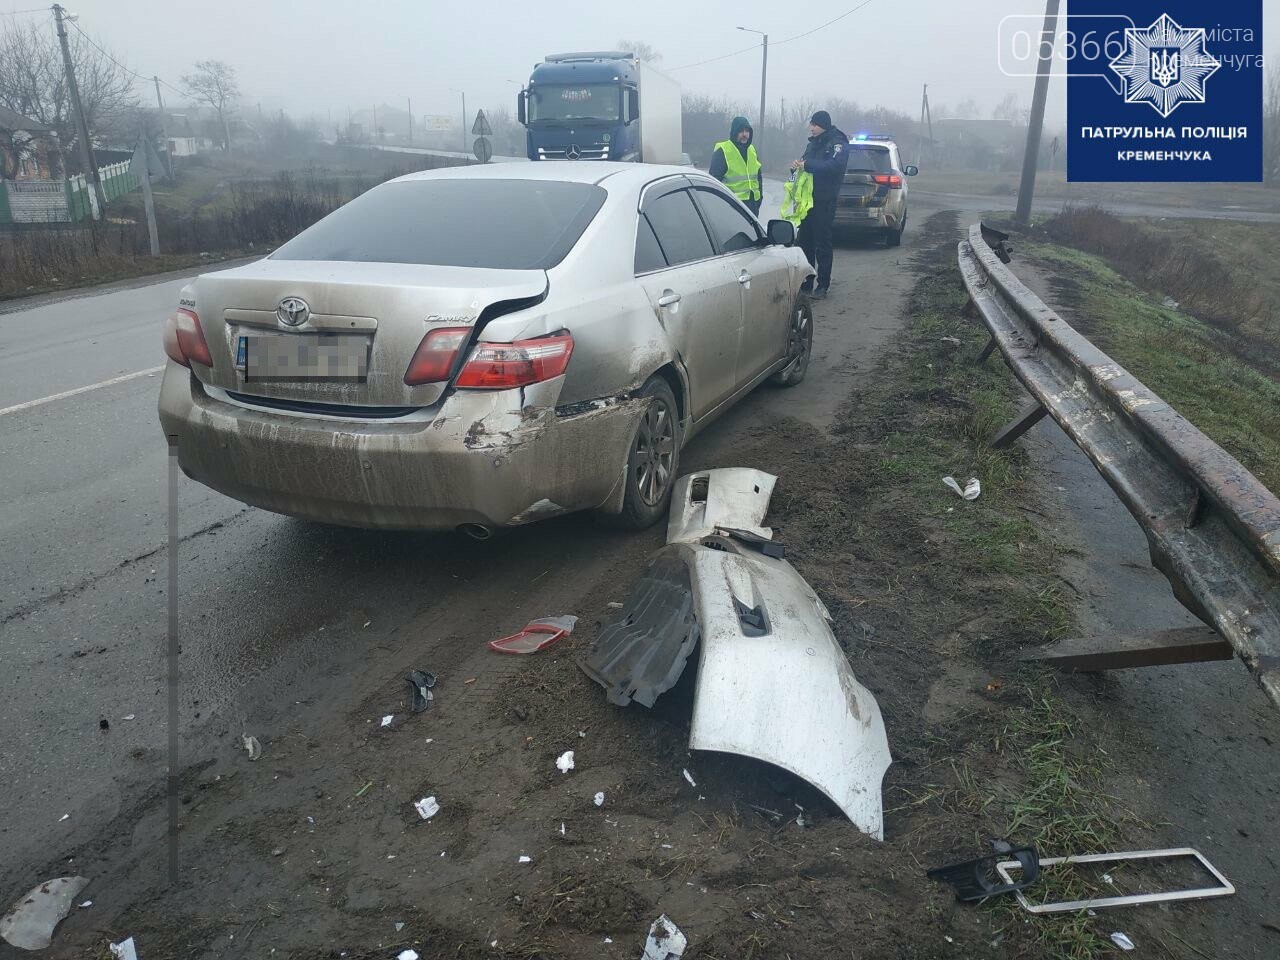 Біля Кременчука водій врізався у дорожній відбійник, фото-1